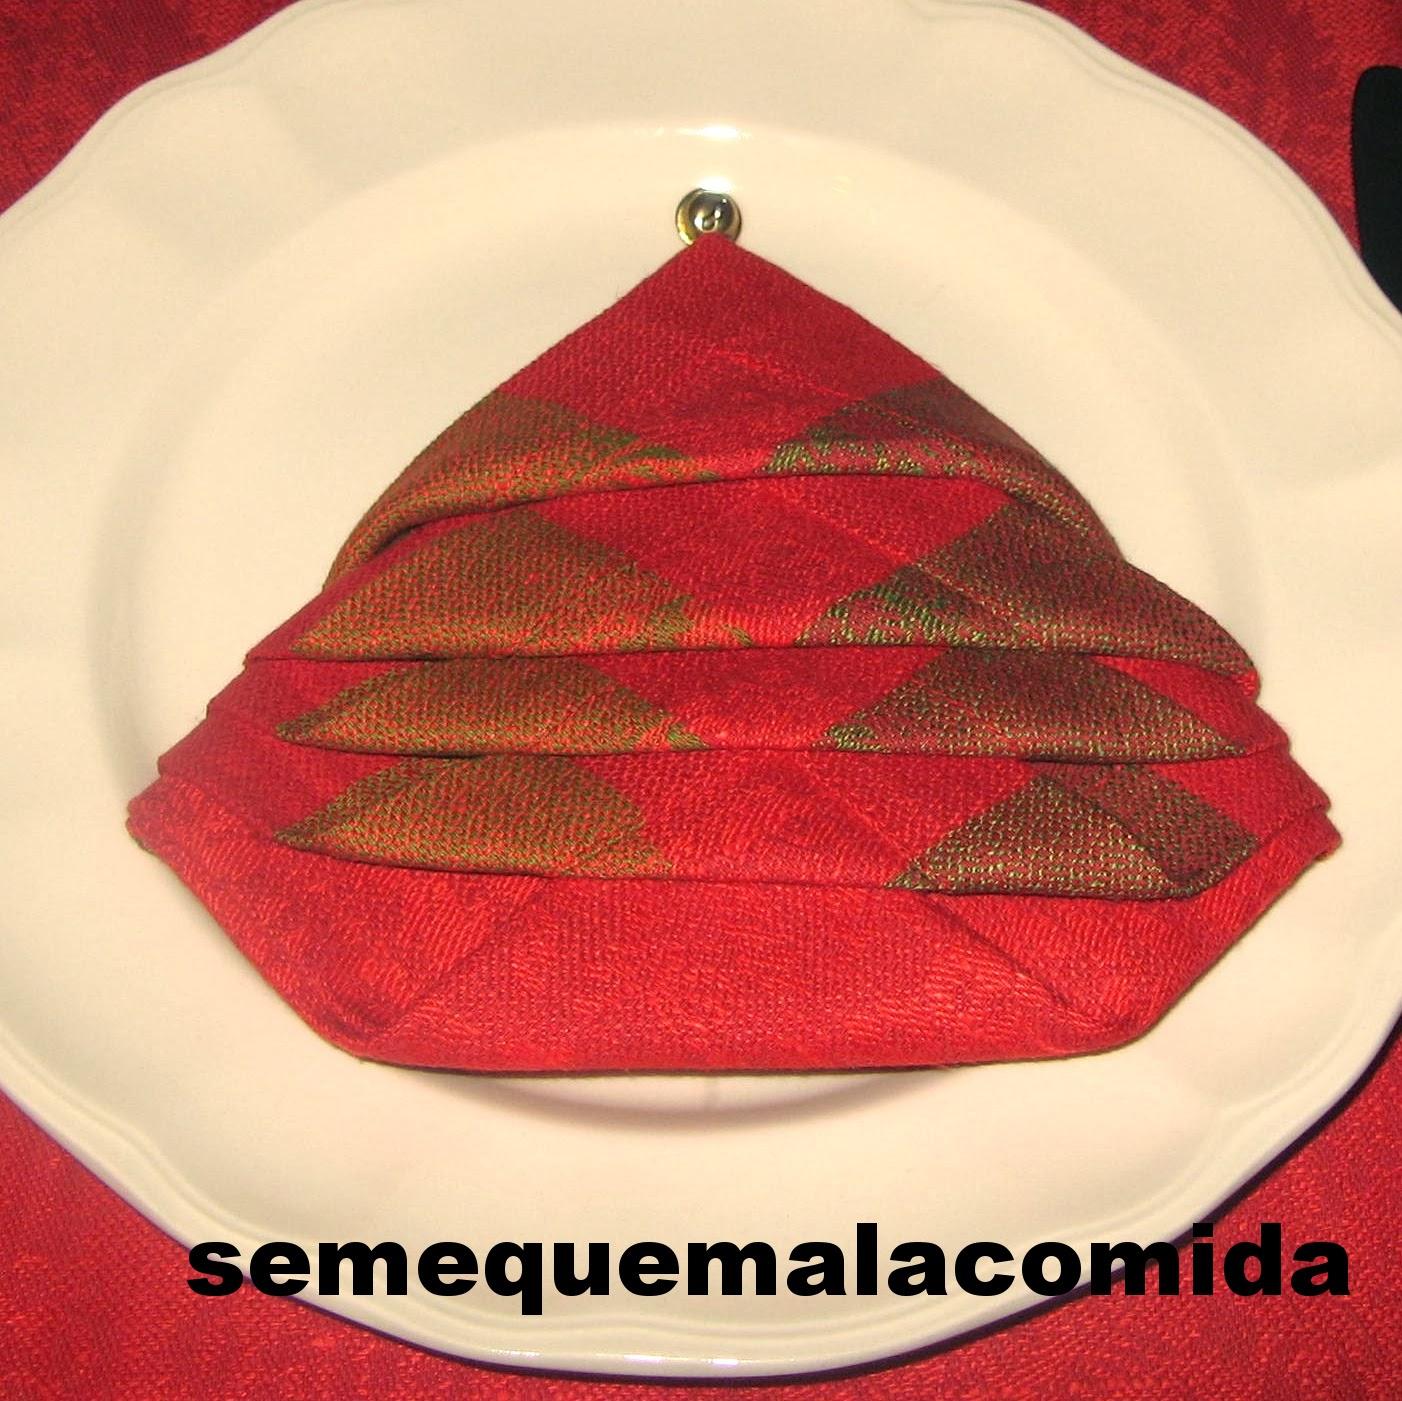 Se me quema la comida doblar servilletas rbol de navidad - Doblar servilletas para navidad ...